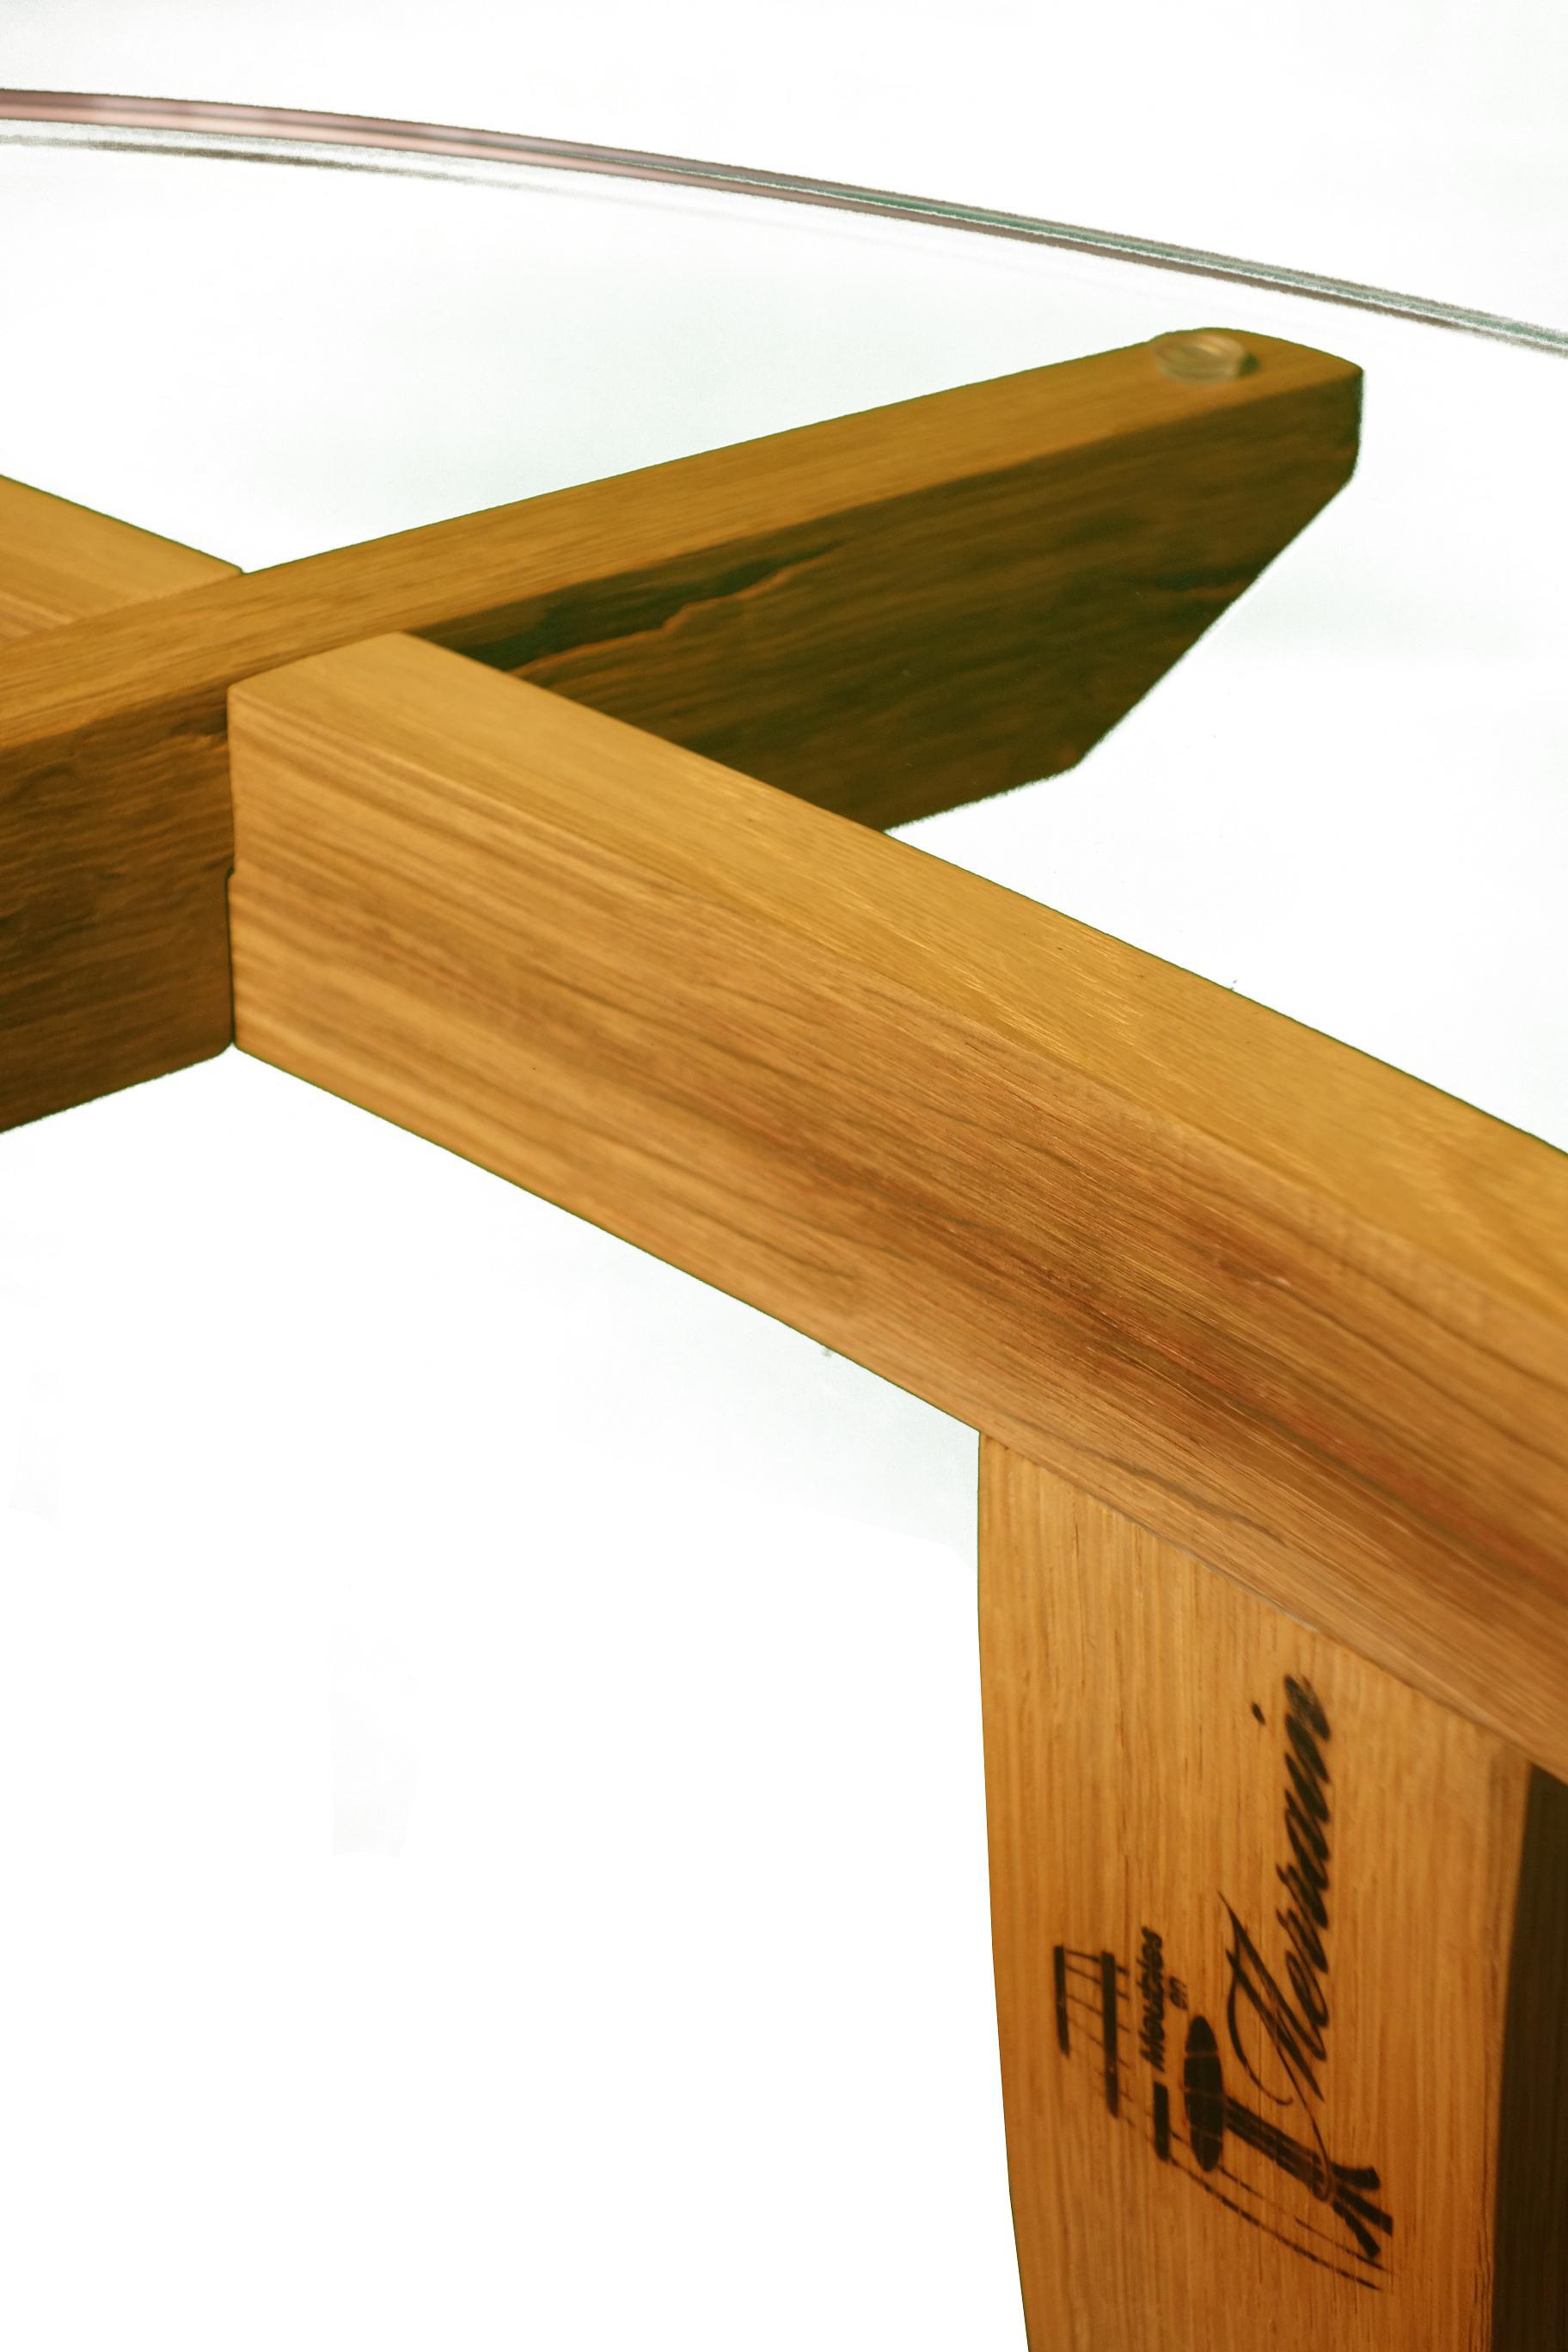 Table basse en bois recycl carr devin - Table basse carre bois ...